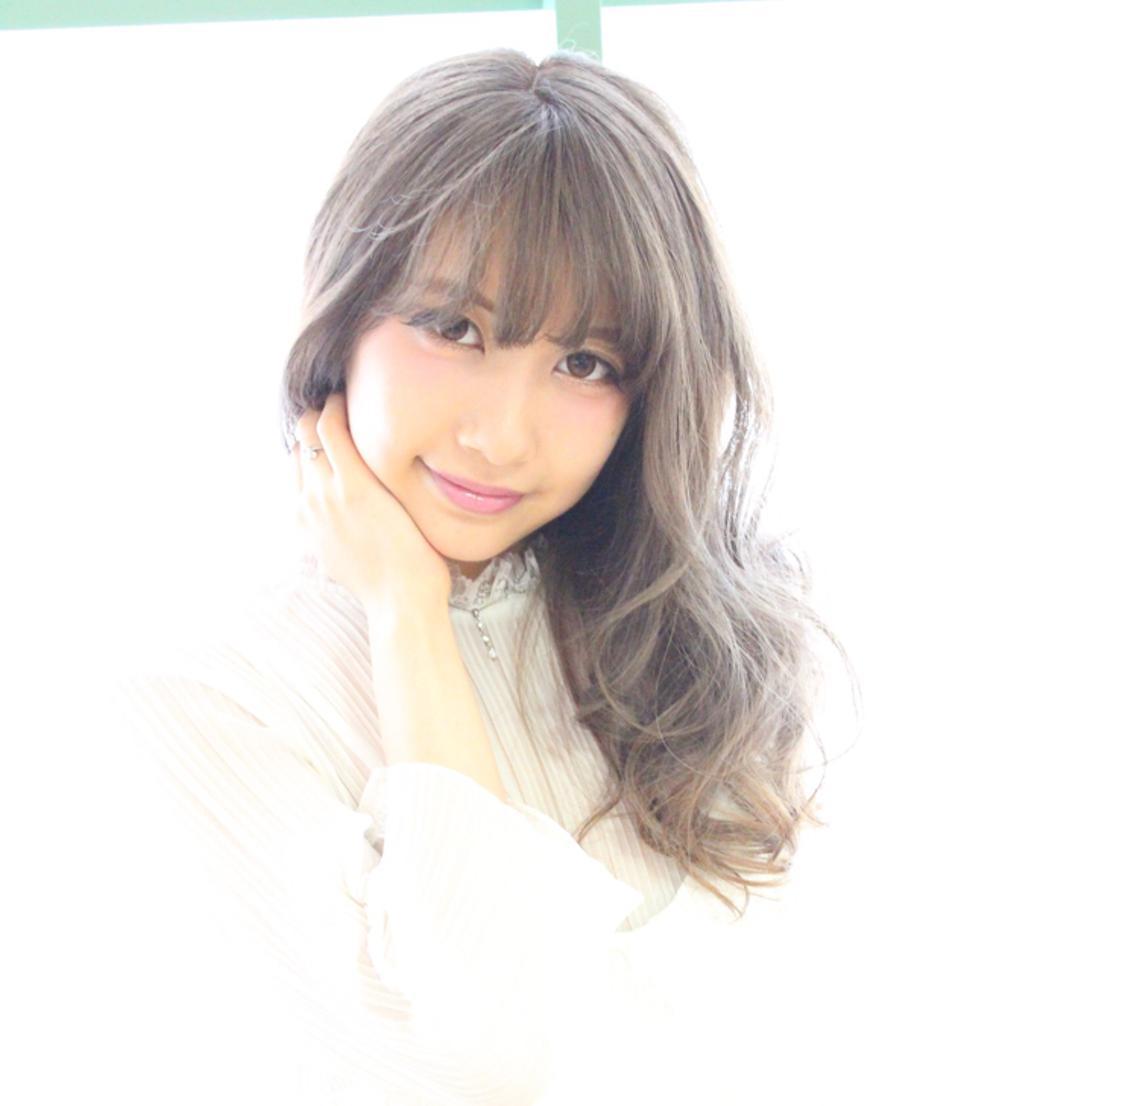 10月限定カット+カラー+オージュアトリートメント¥5900☆ゆるっとキメすぎない海外風なスタイルお任せください♪